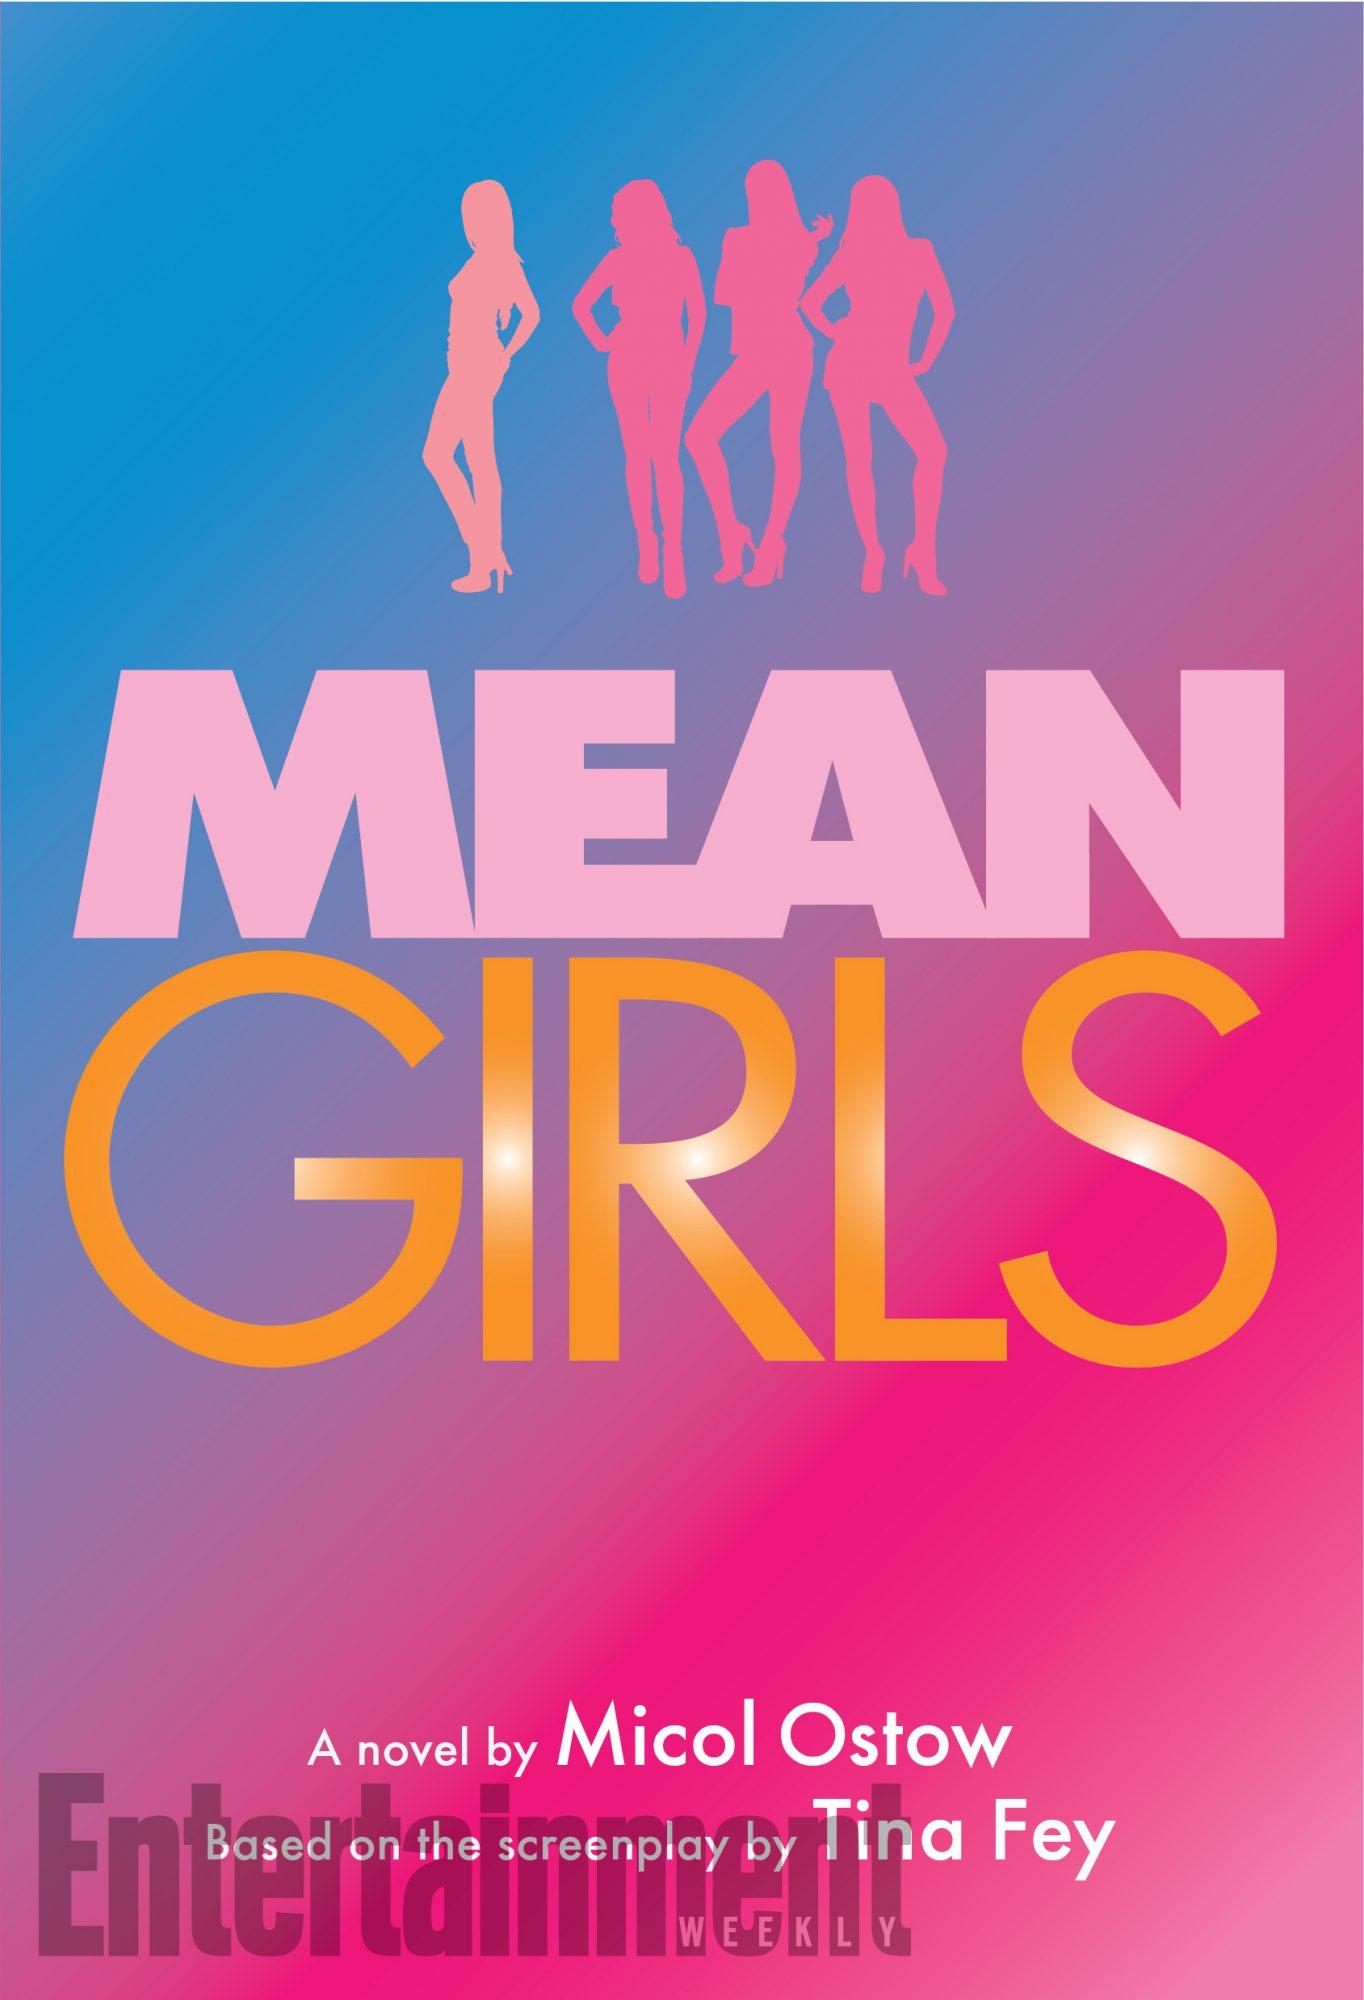 Mean Girls Novel